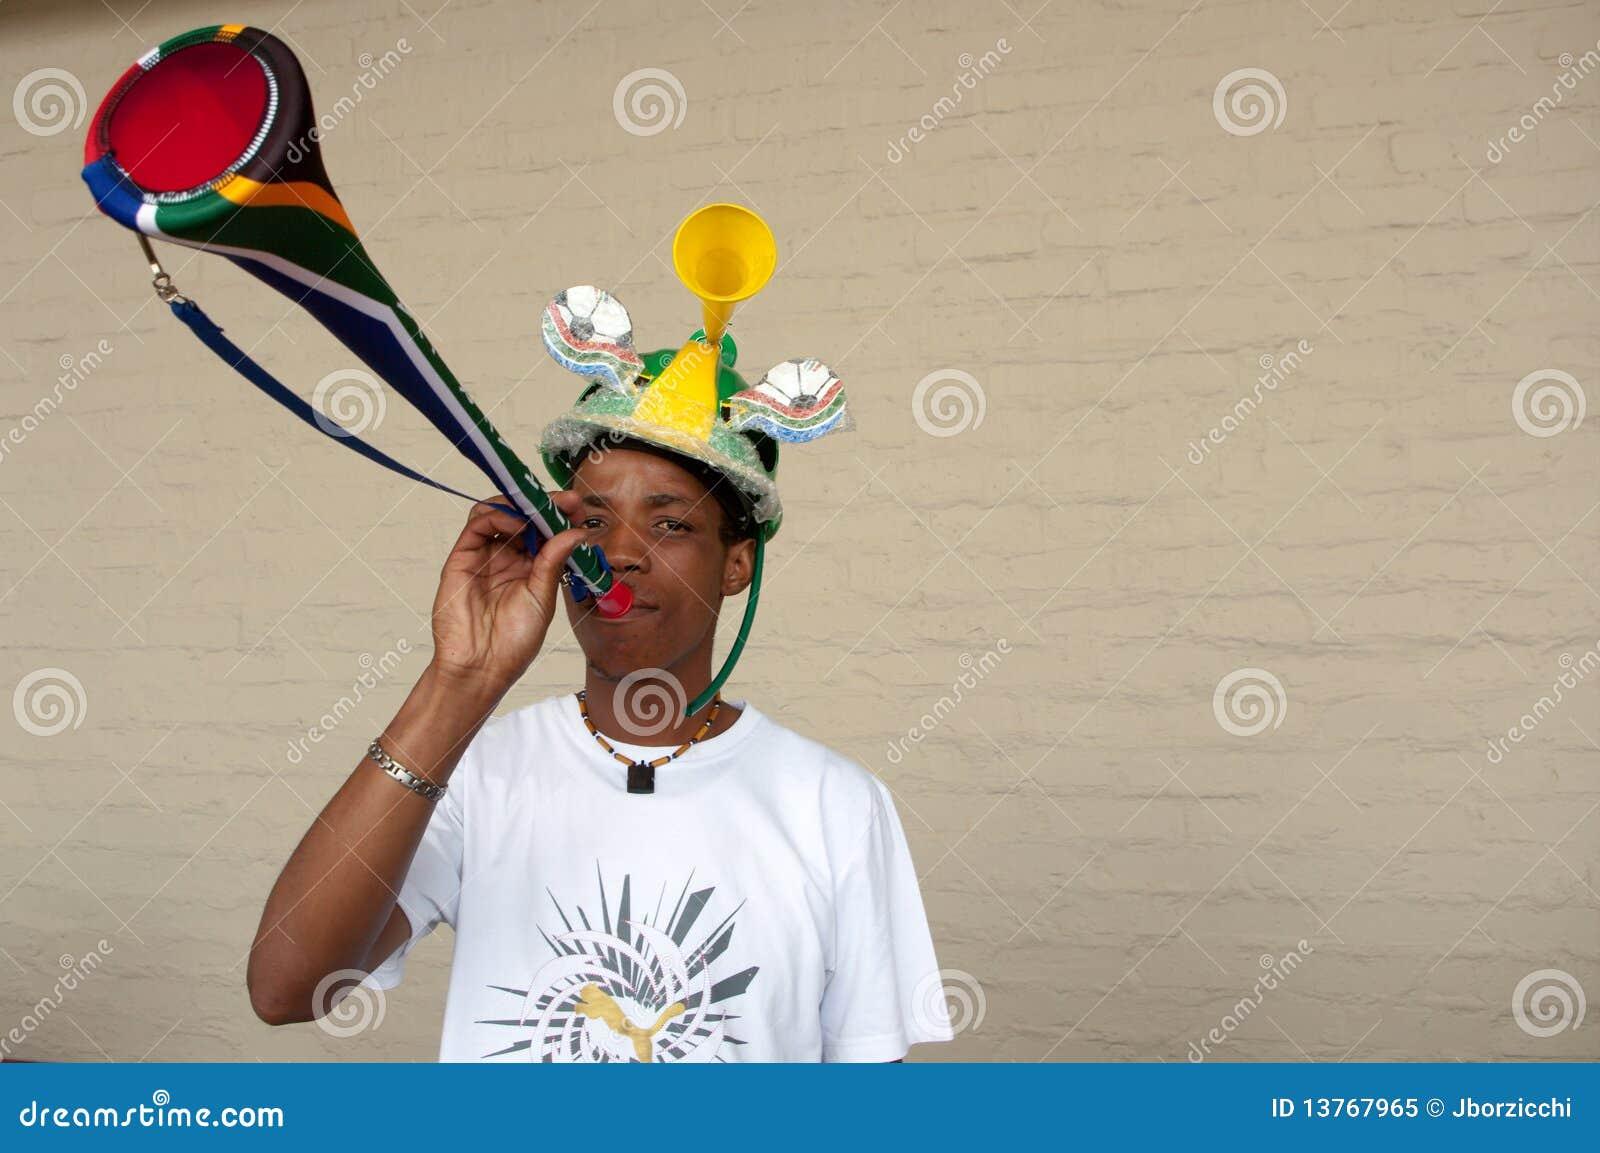 Vuvuzuela fan, South Africa